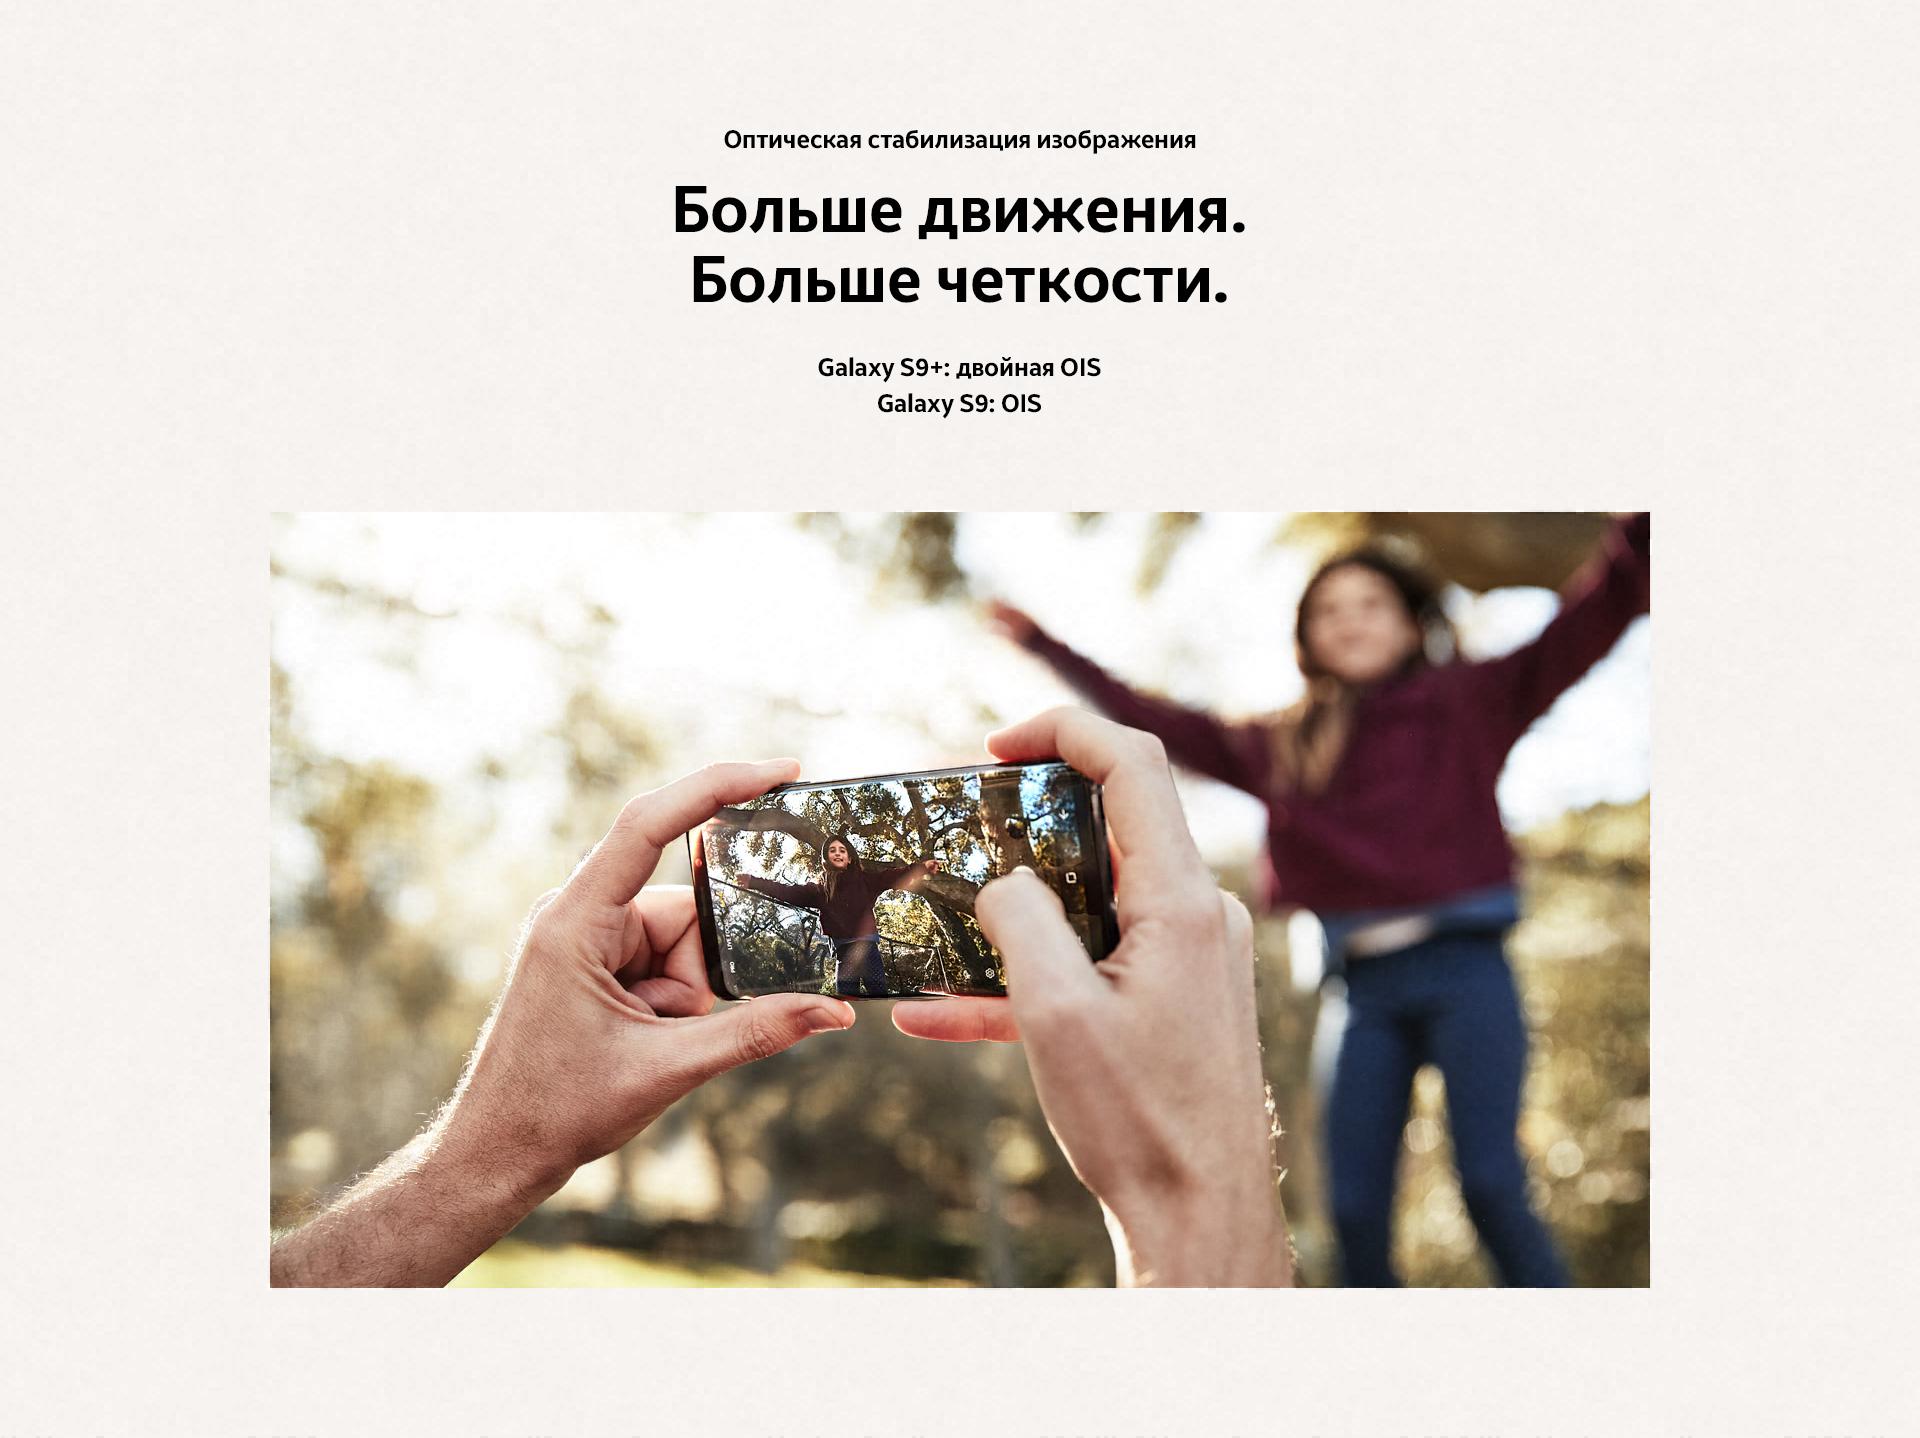 Galaxy S9 и S9+ очень чёткий телефон :)